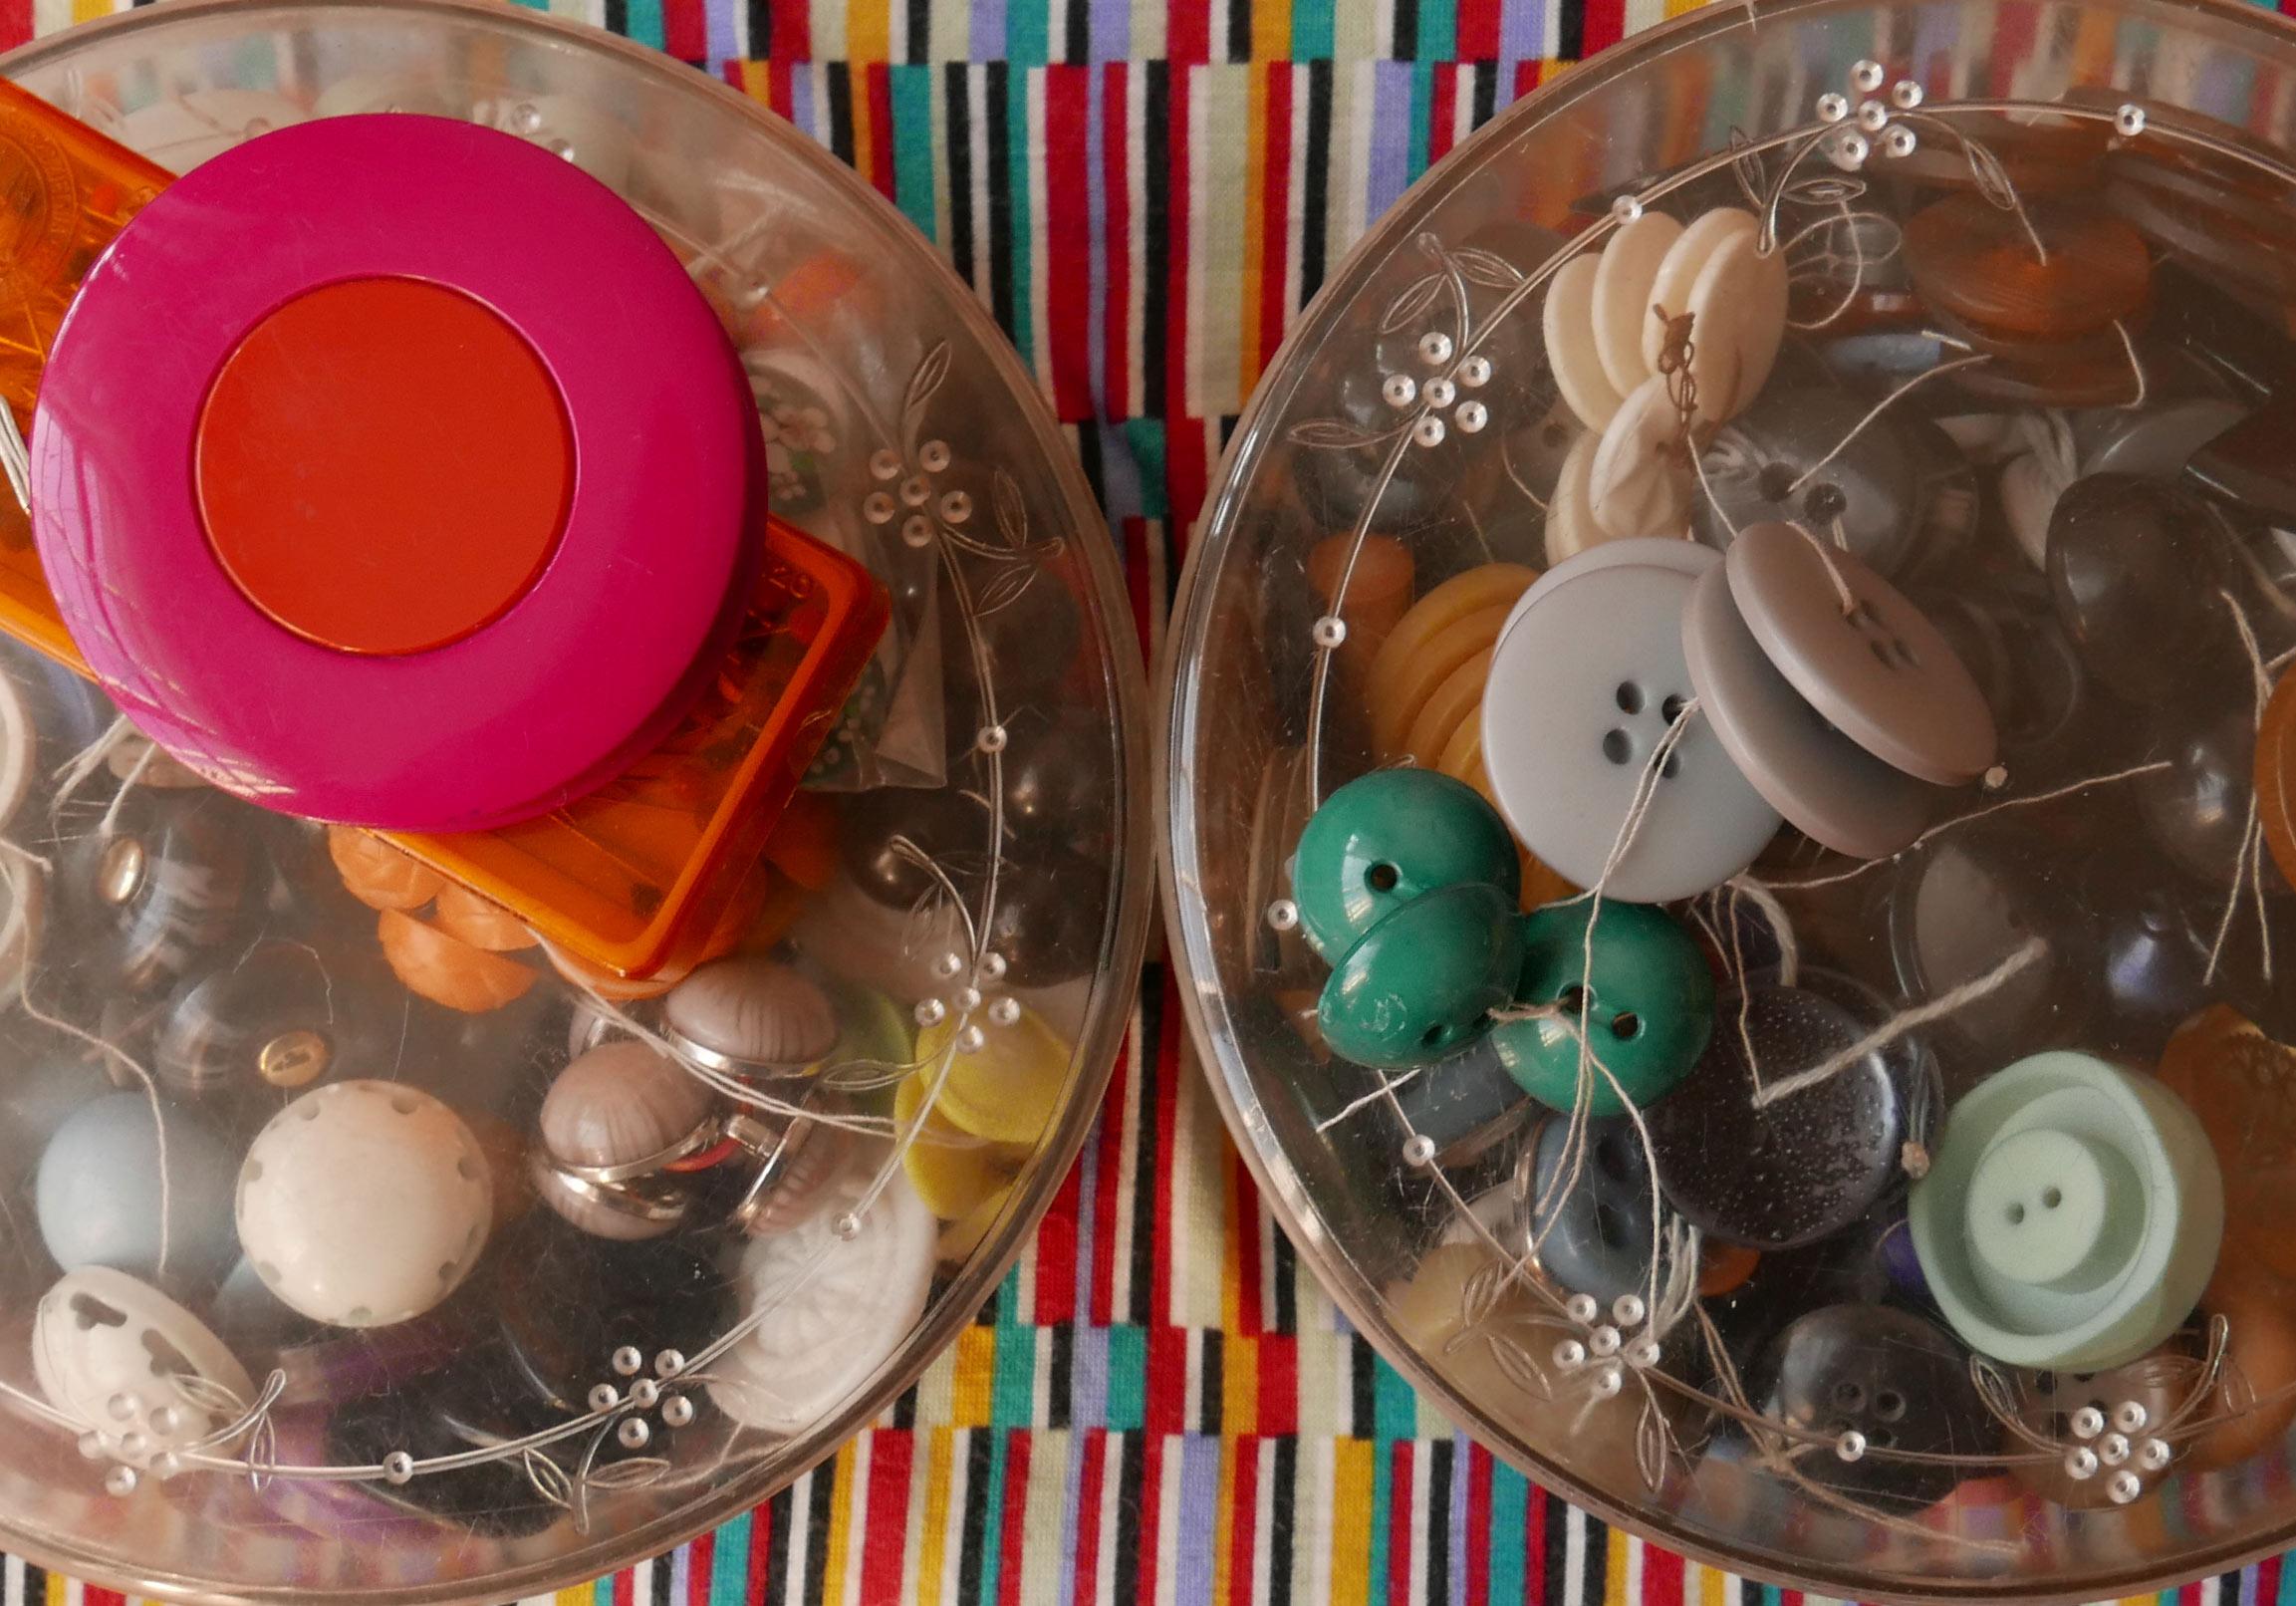 Nähzeug und Plastikdosen voller Knöpfe aus Plastik